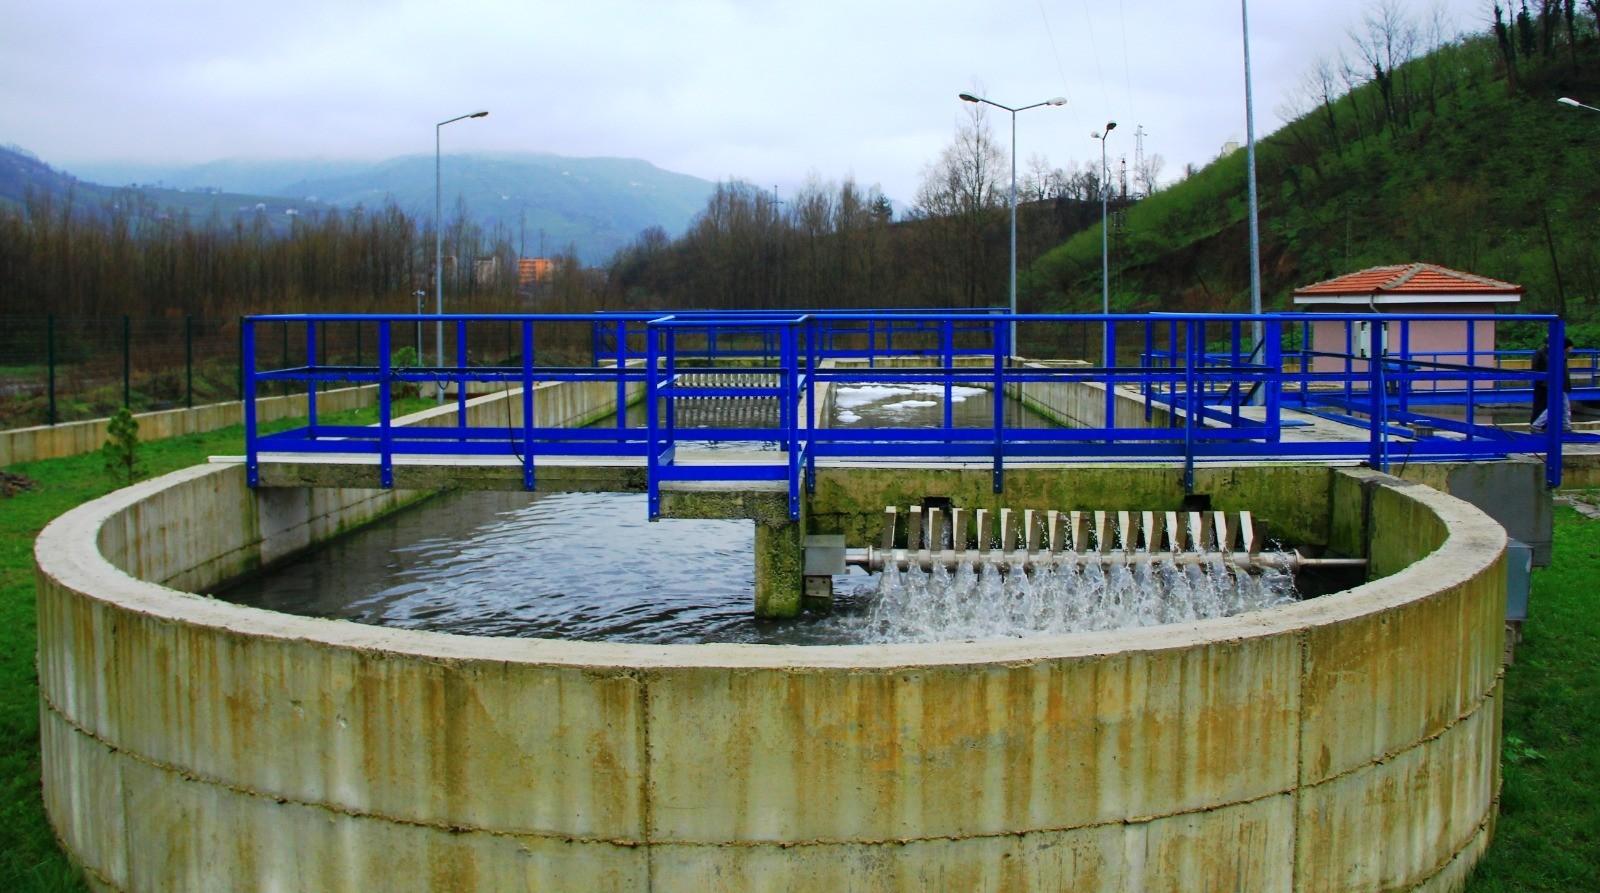 4 ilçeye atık su arıtma tesisi kuruluyor. ozelkalem.com.tr